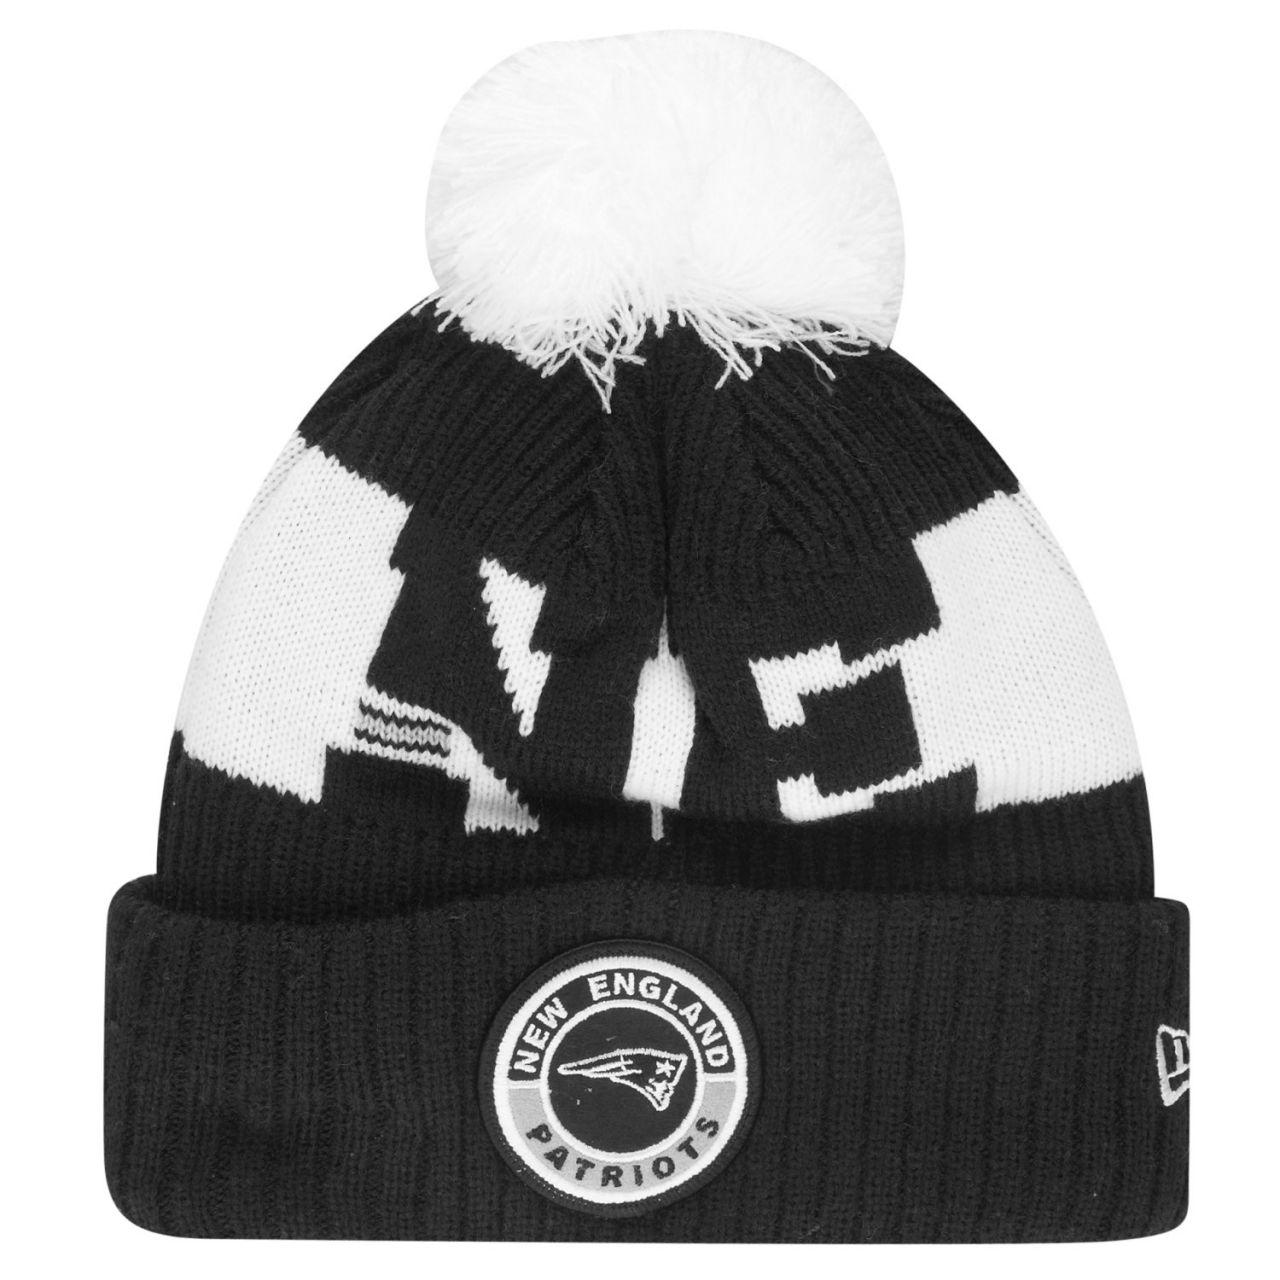 amfoo - New Era NFL SPORT KNIT Winter Mütze - New England Patriots